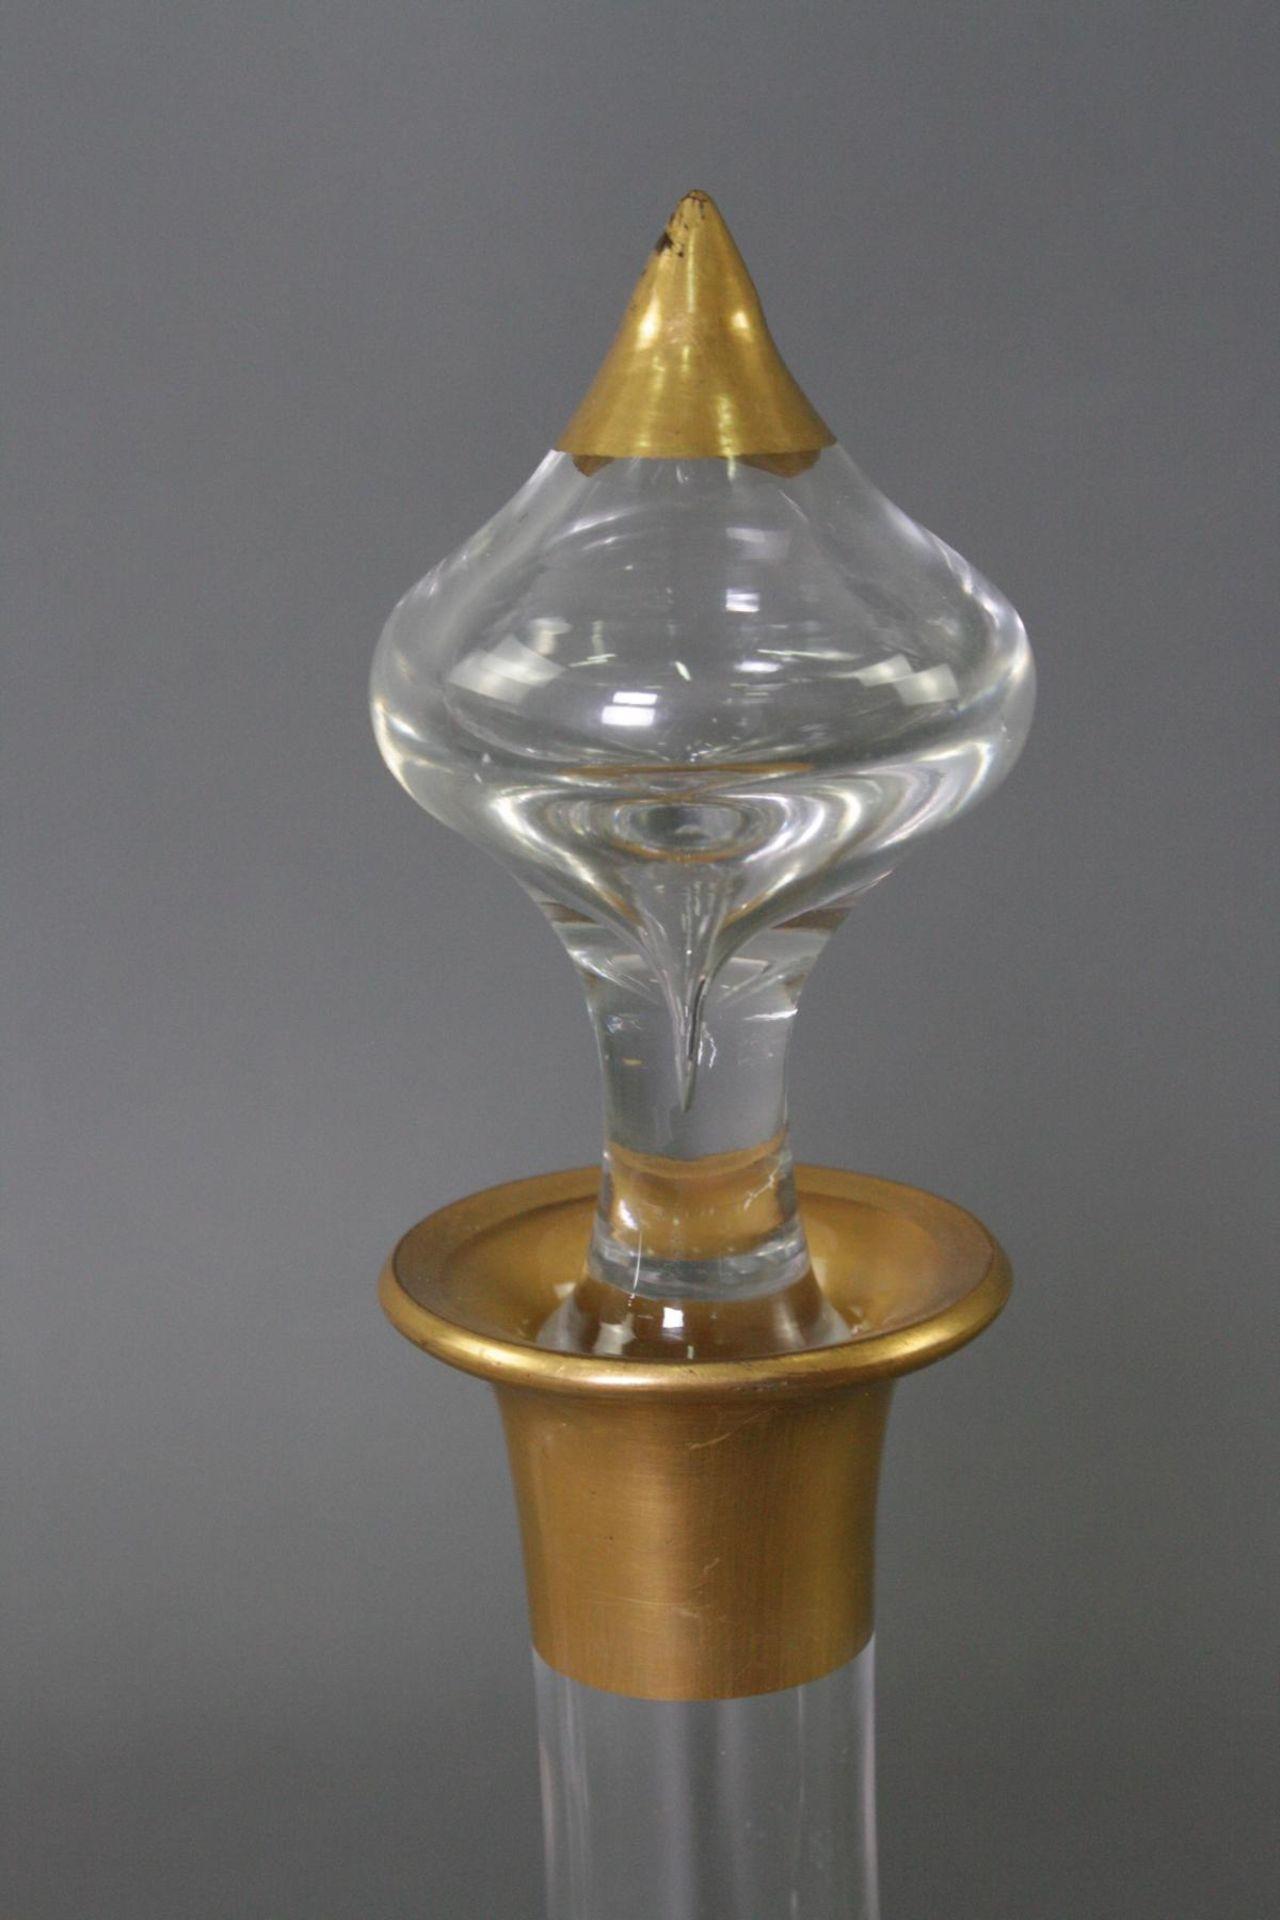 Glas Karaffe und Pokal - Bild 3 aus 6